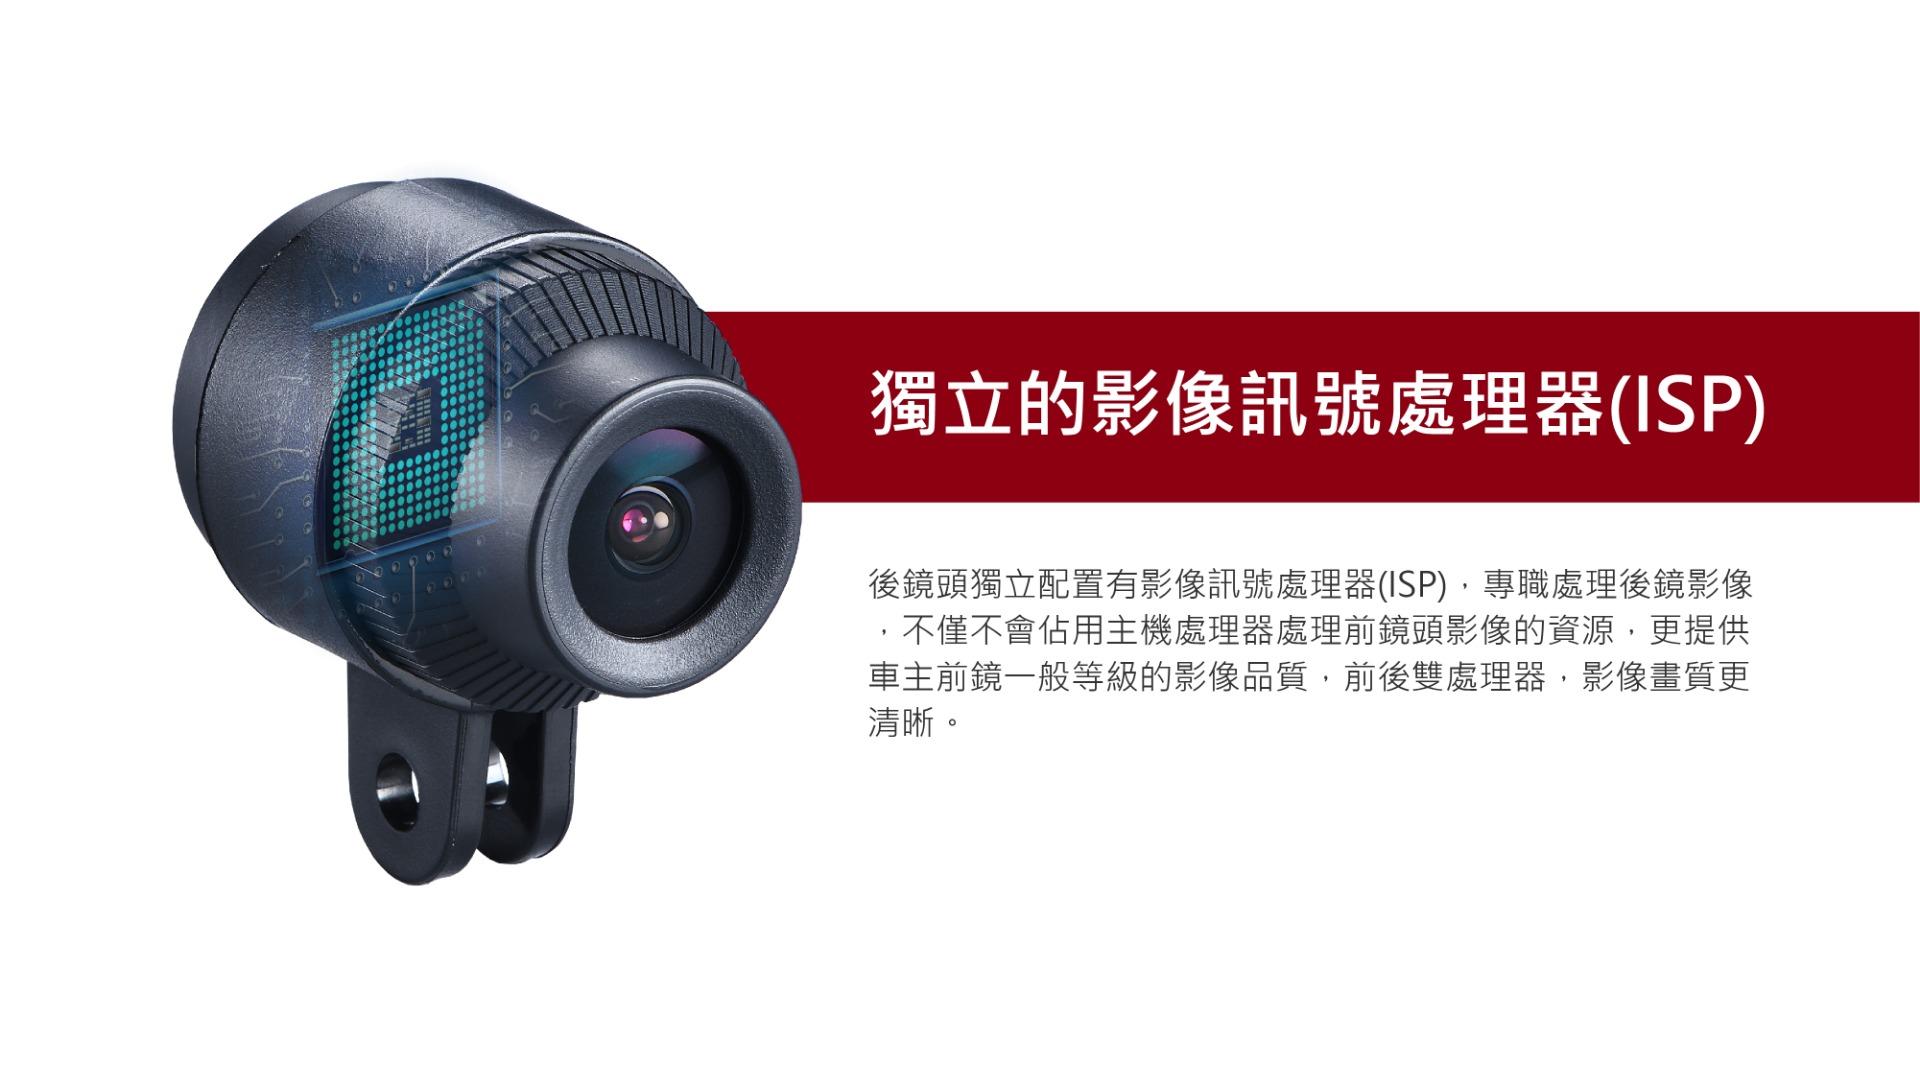 proimages/product/Bike_Cam/PX-GX1_Plus/PX-GX1_13_resized.jpg